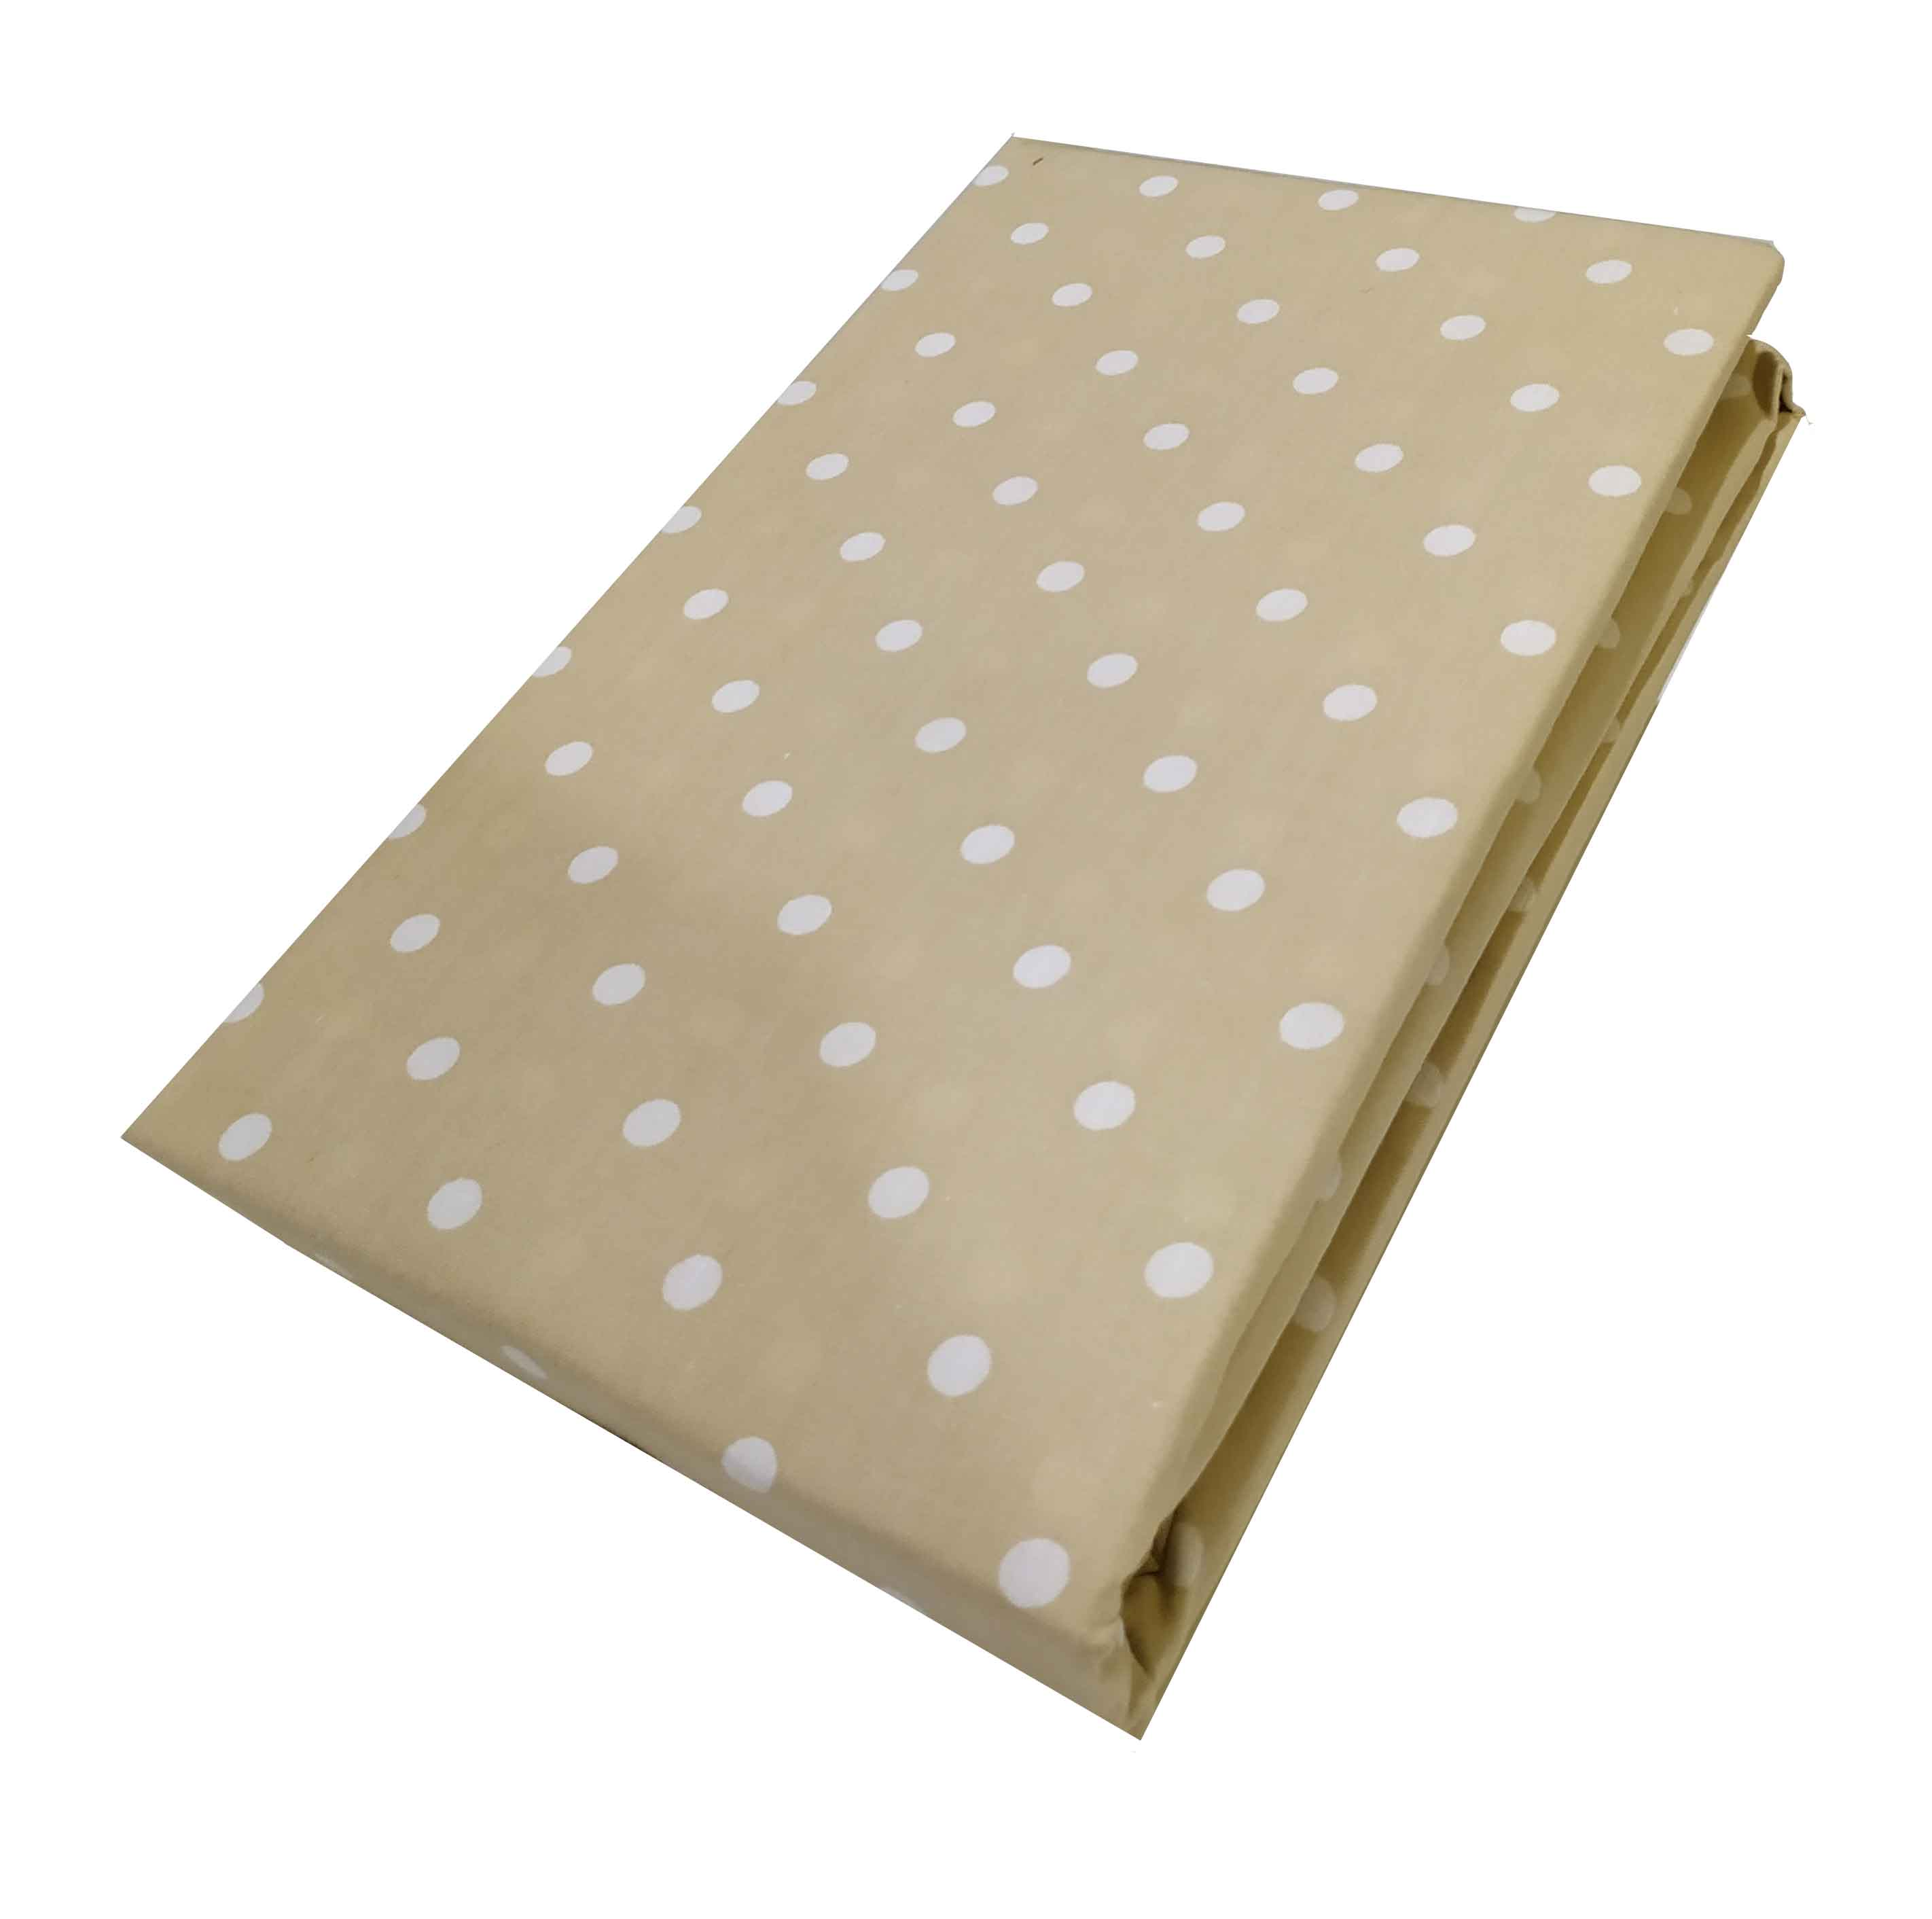 Ζεύγος Mαξιλαροθήκες ΚΟΜΒΟΣ Cotton Line Printed Dots Beige  50x70 - 7000139-15